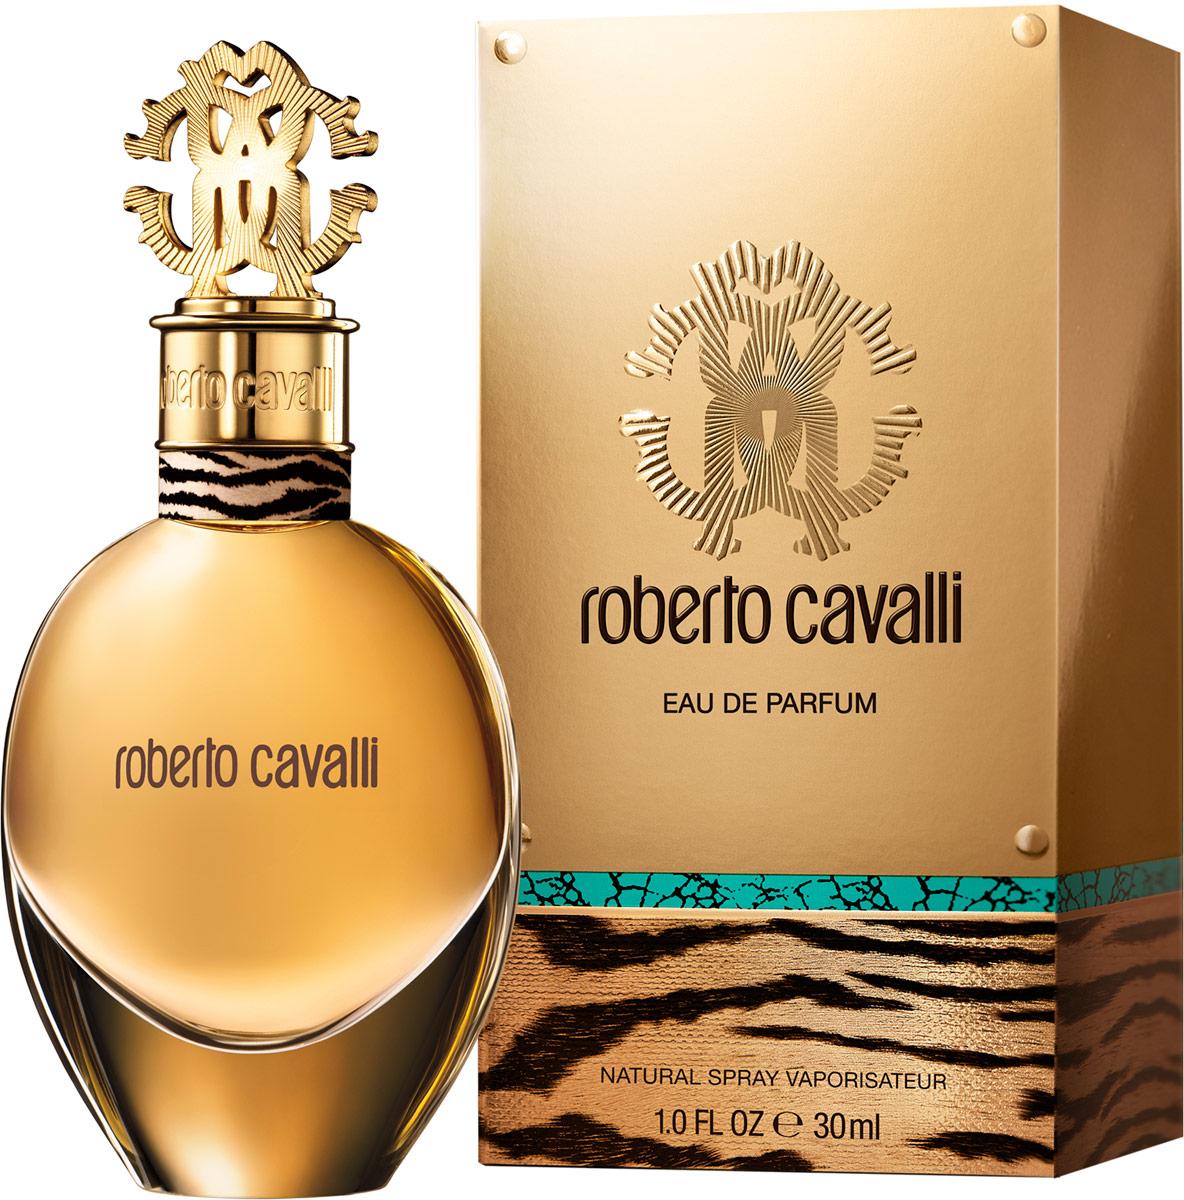 Roberto Cavalli Парфюмерная вода женская, 30 мл